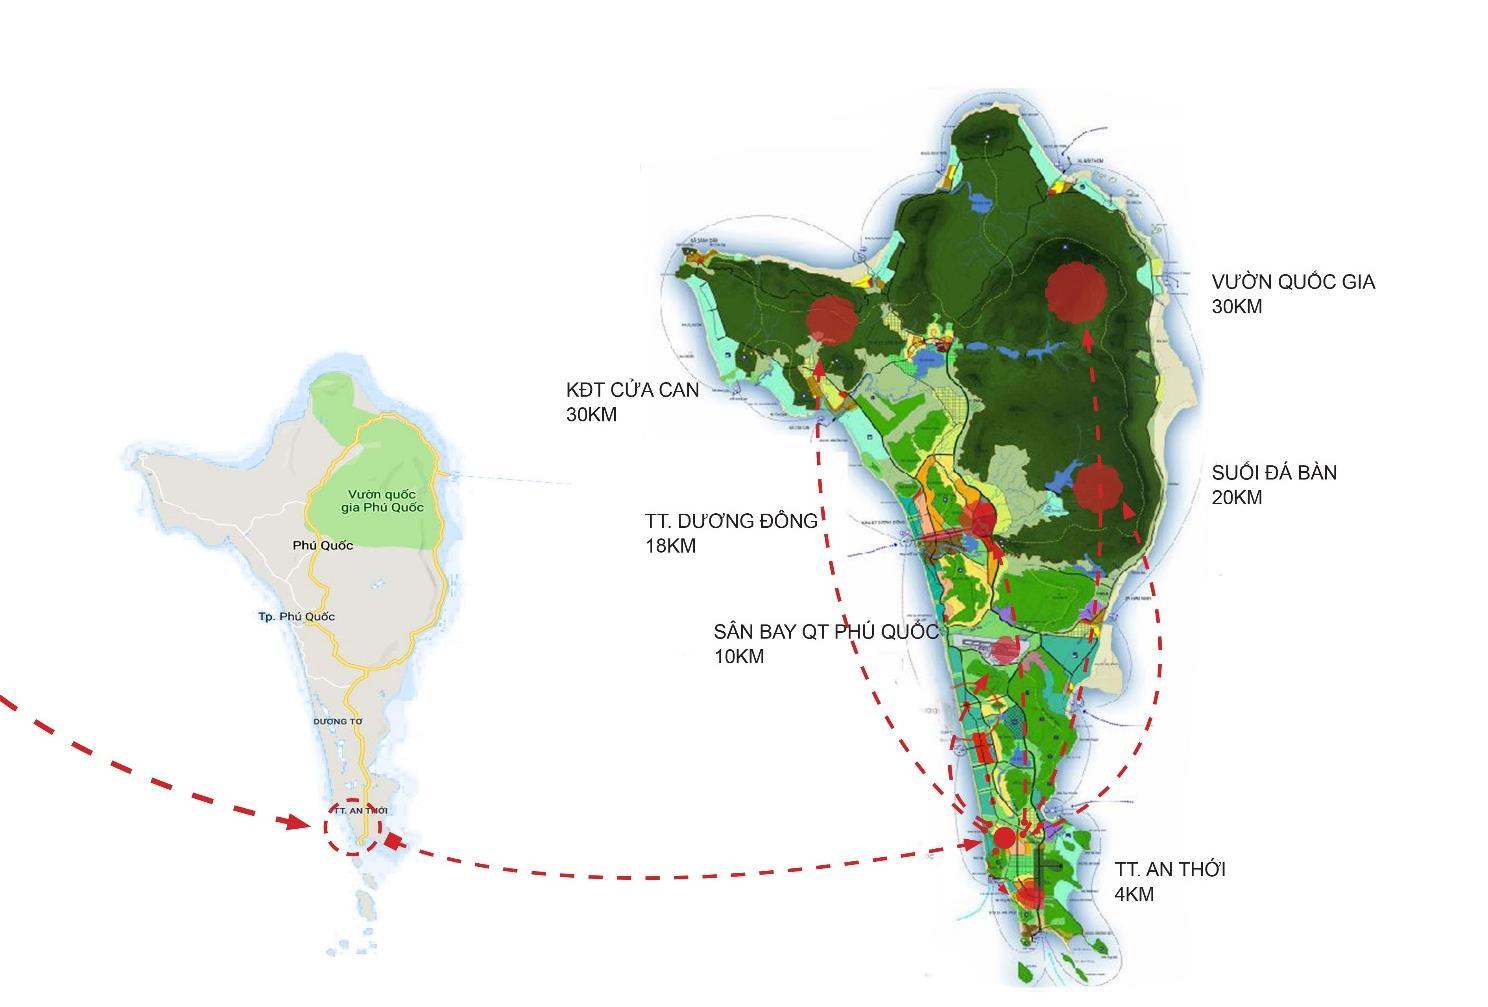 liên kết vùng dự án meyhomes phú quốc